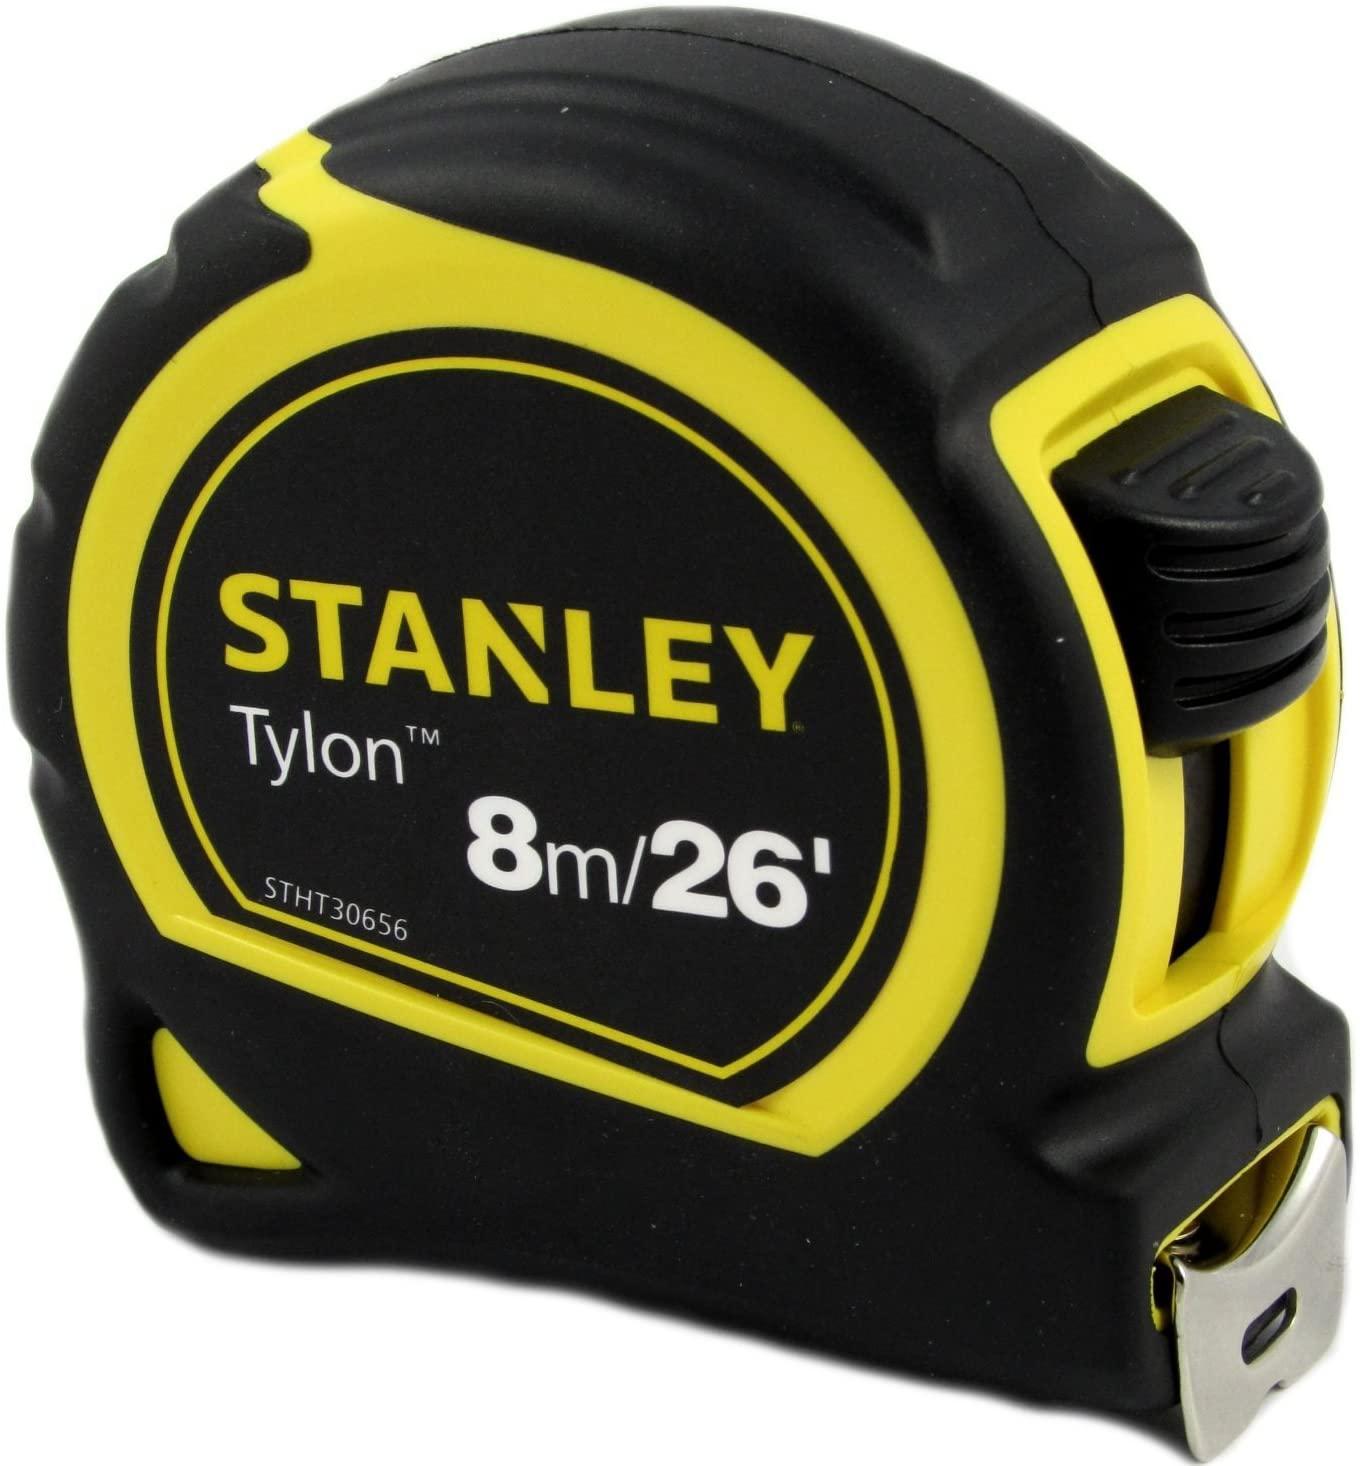 STANLEY STHT30656-8 - 8M Tylon Tape Measure